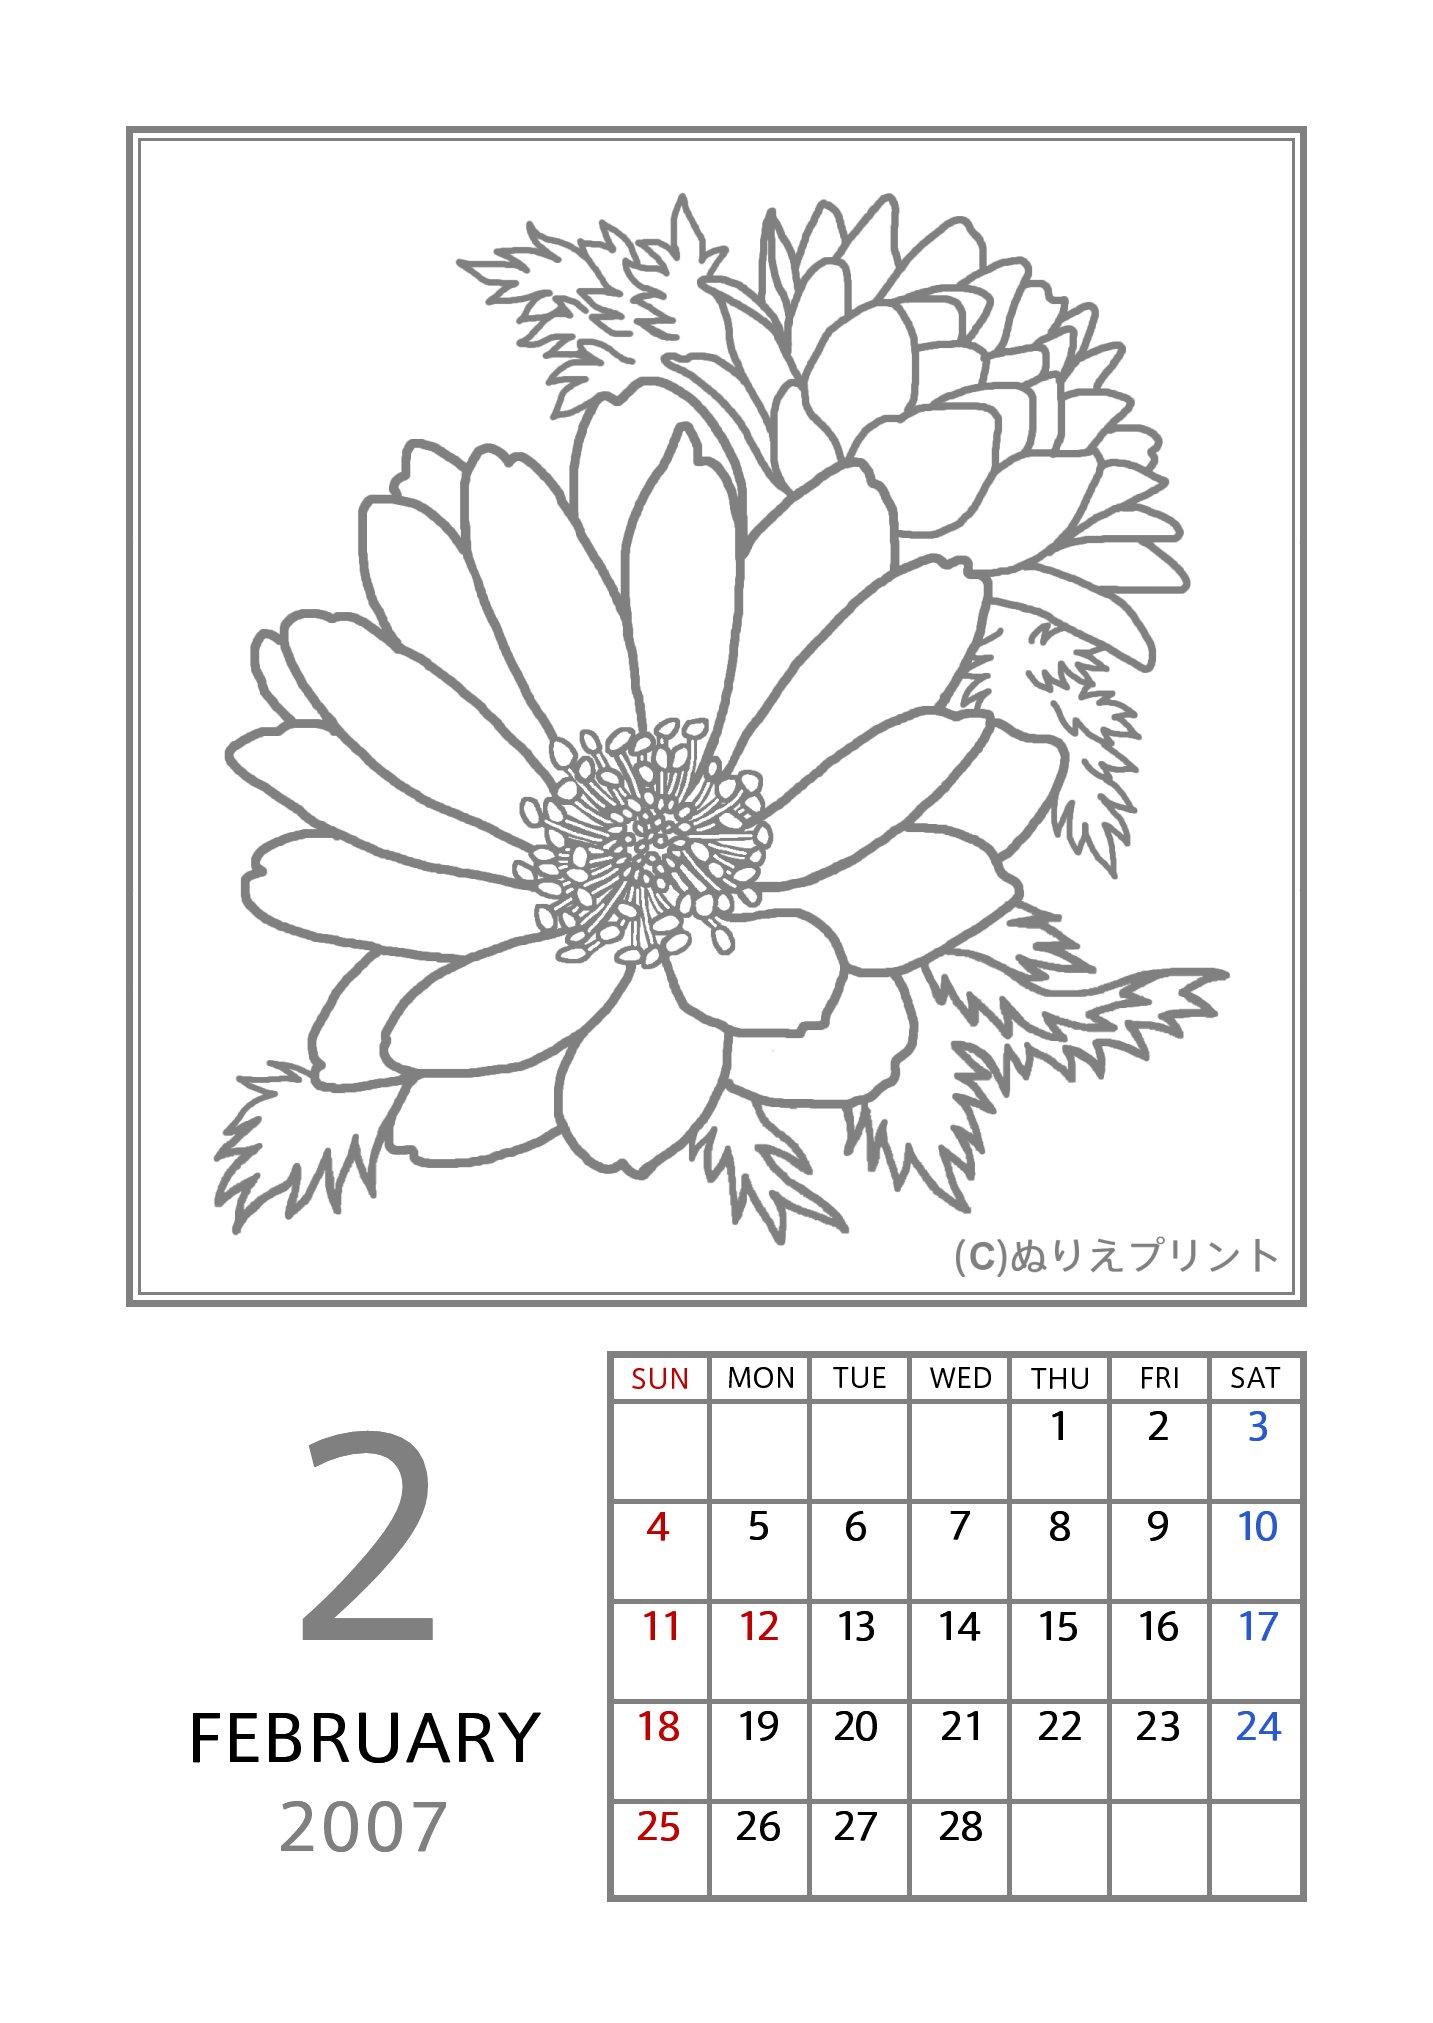 カレンダー カレンダー フリー 印刷 : ... 平成19年/花のぬりえカレンダー